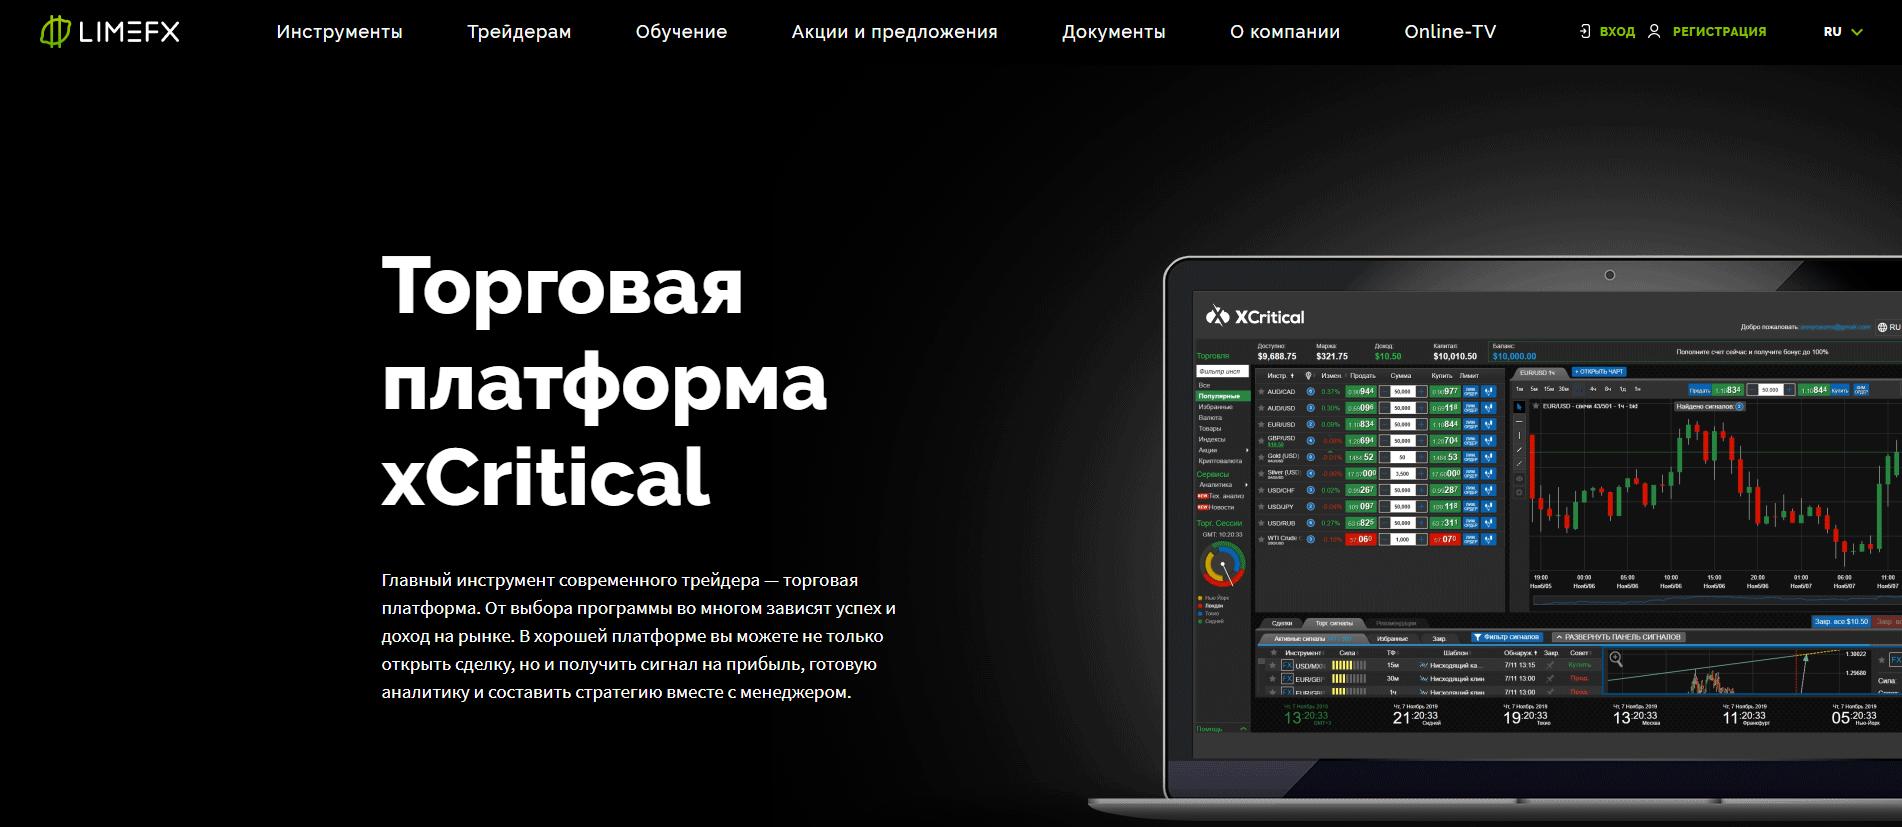 Обзор брокерской компании LimeFX: реальные отзывы и характеристика